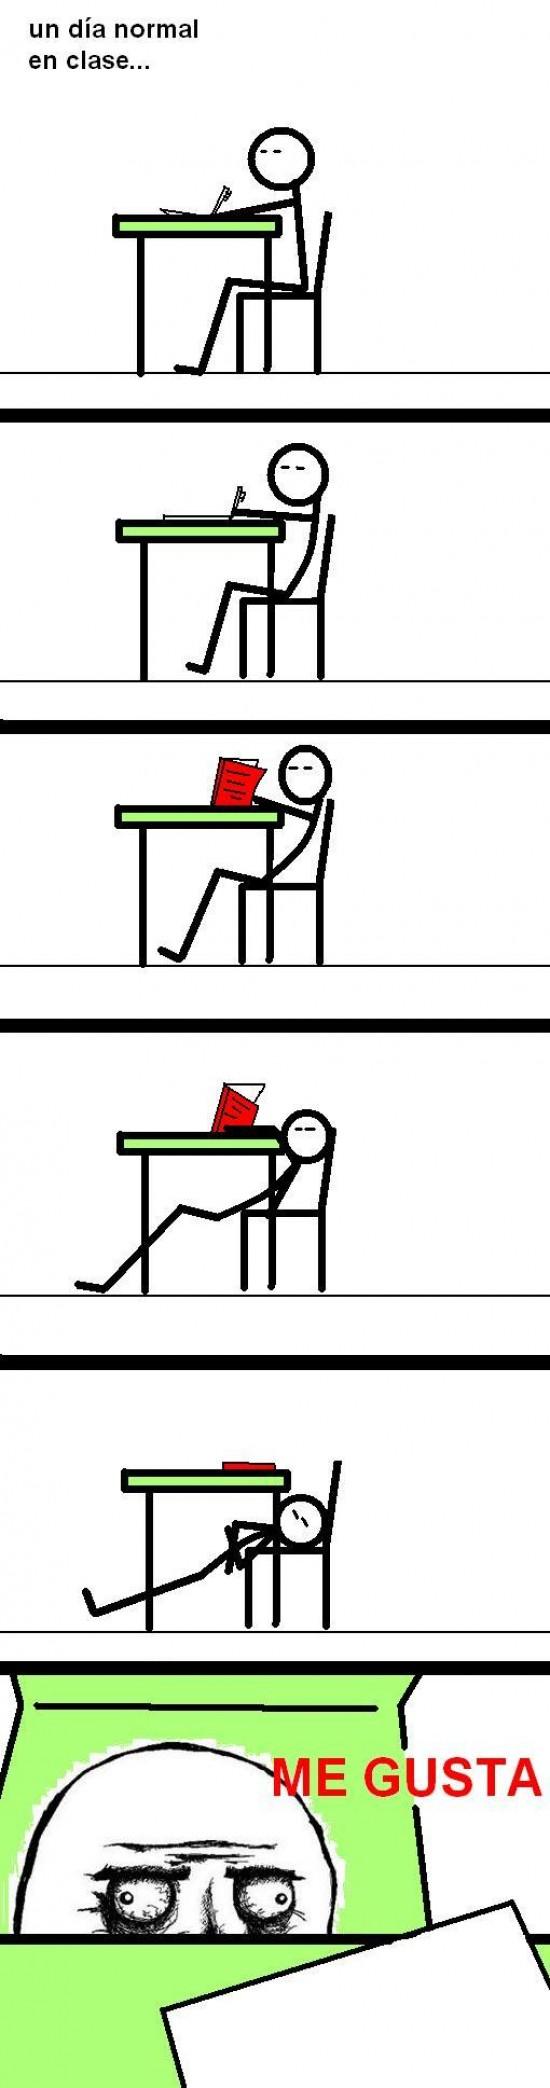 aula,clase,colegio,instituto,me gusta,meme,mesa